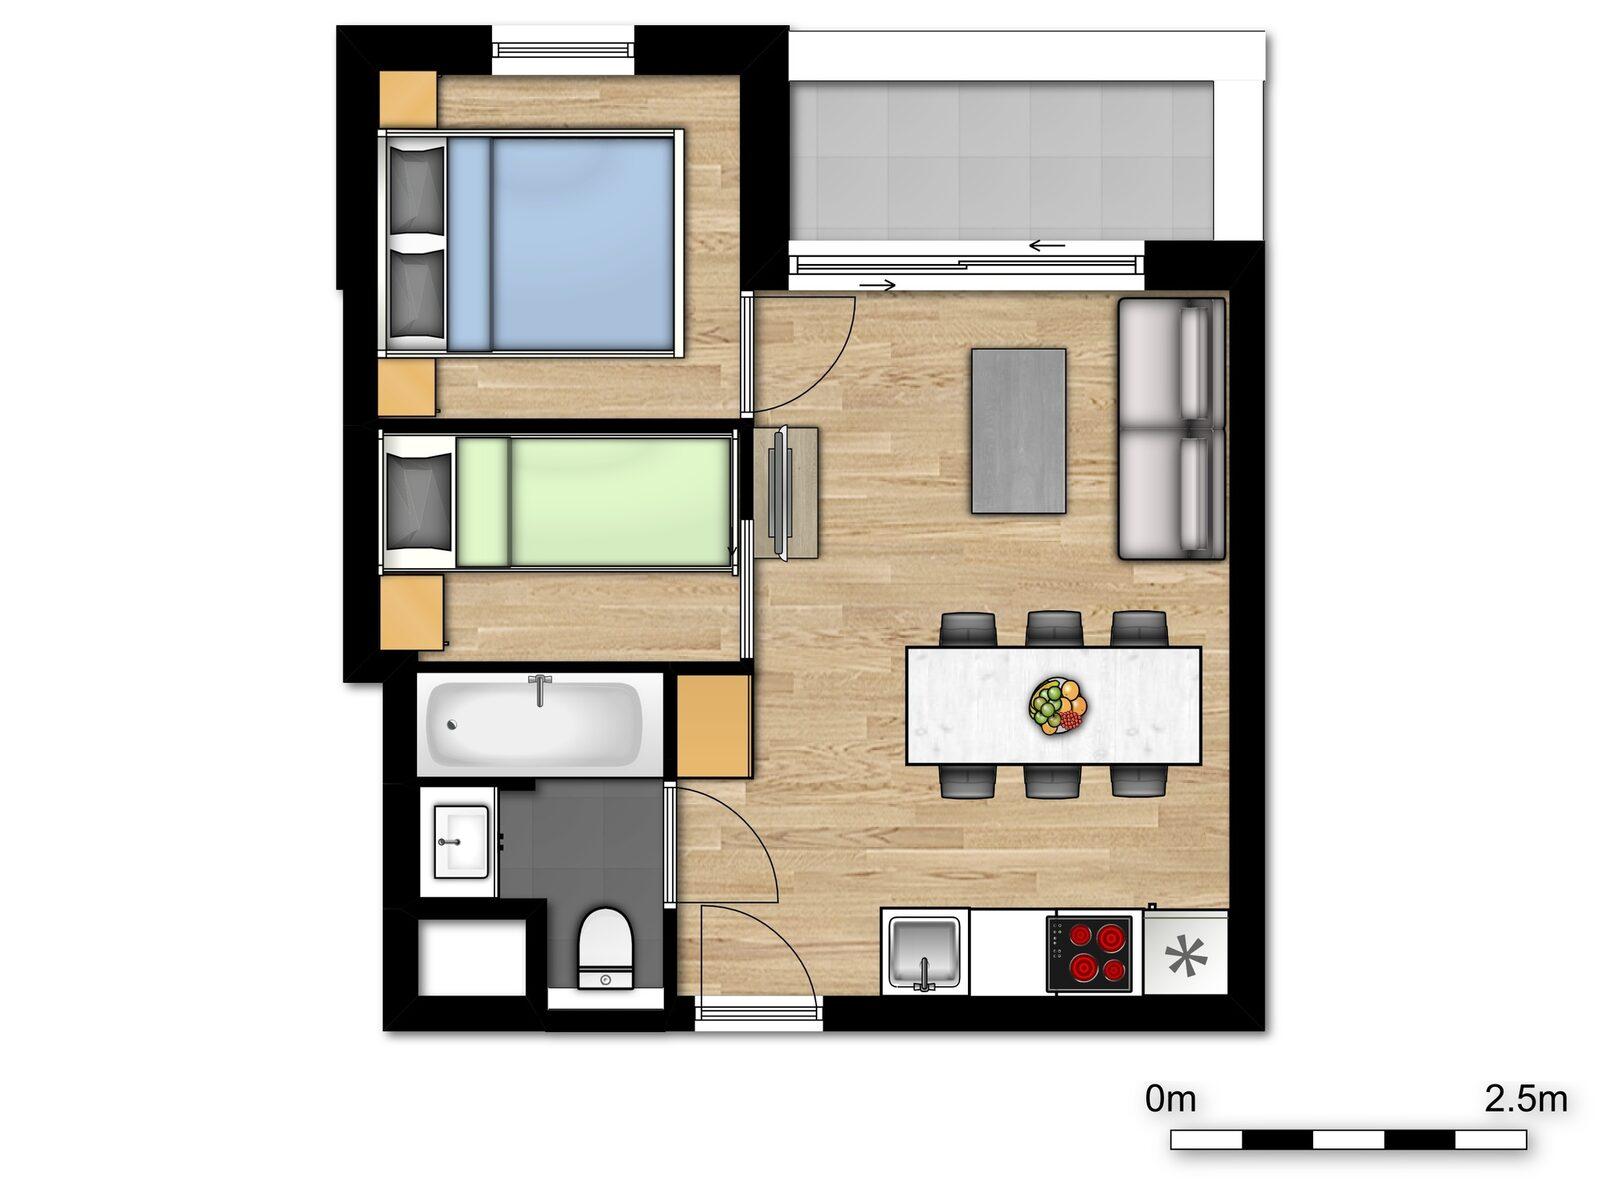 Deluxe Holiday Suite pour 2 adultes et 3 enfants